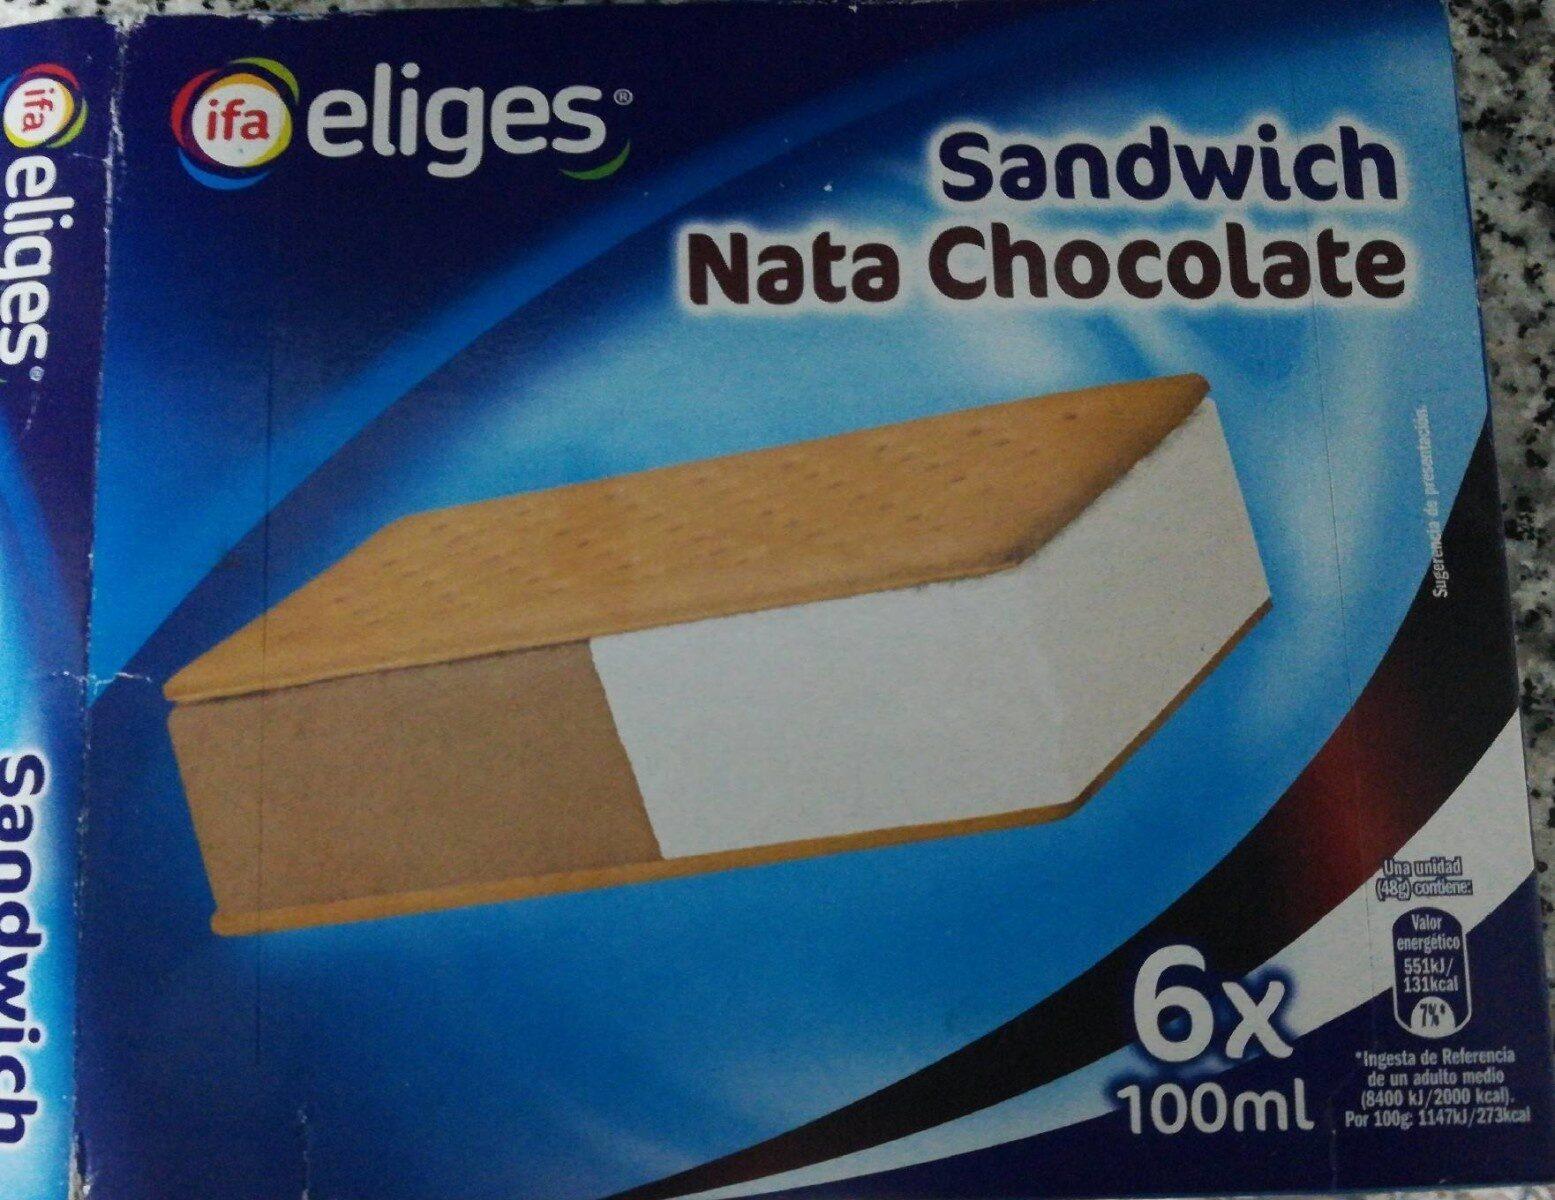 Sandwich nara chocolate - Producte